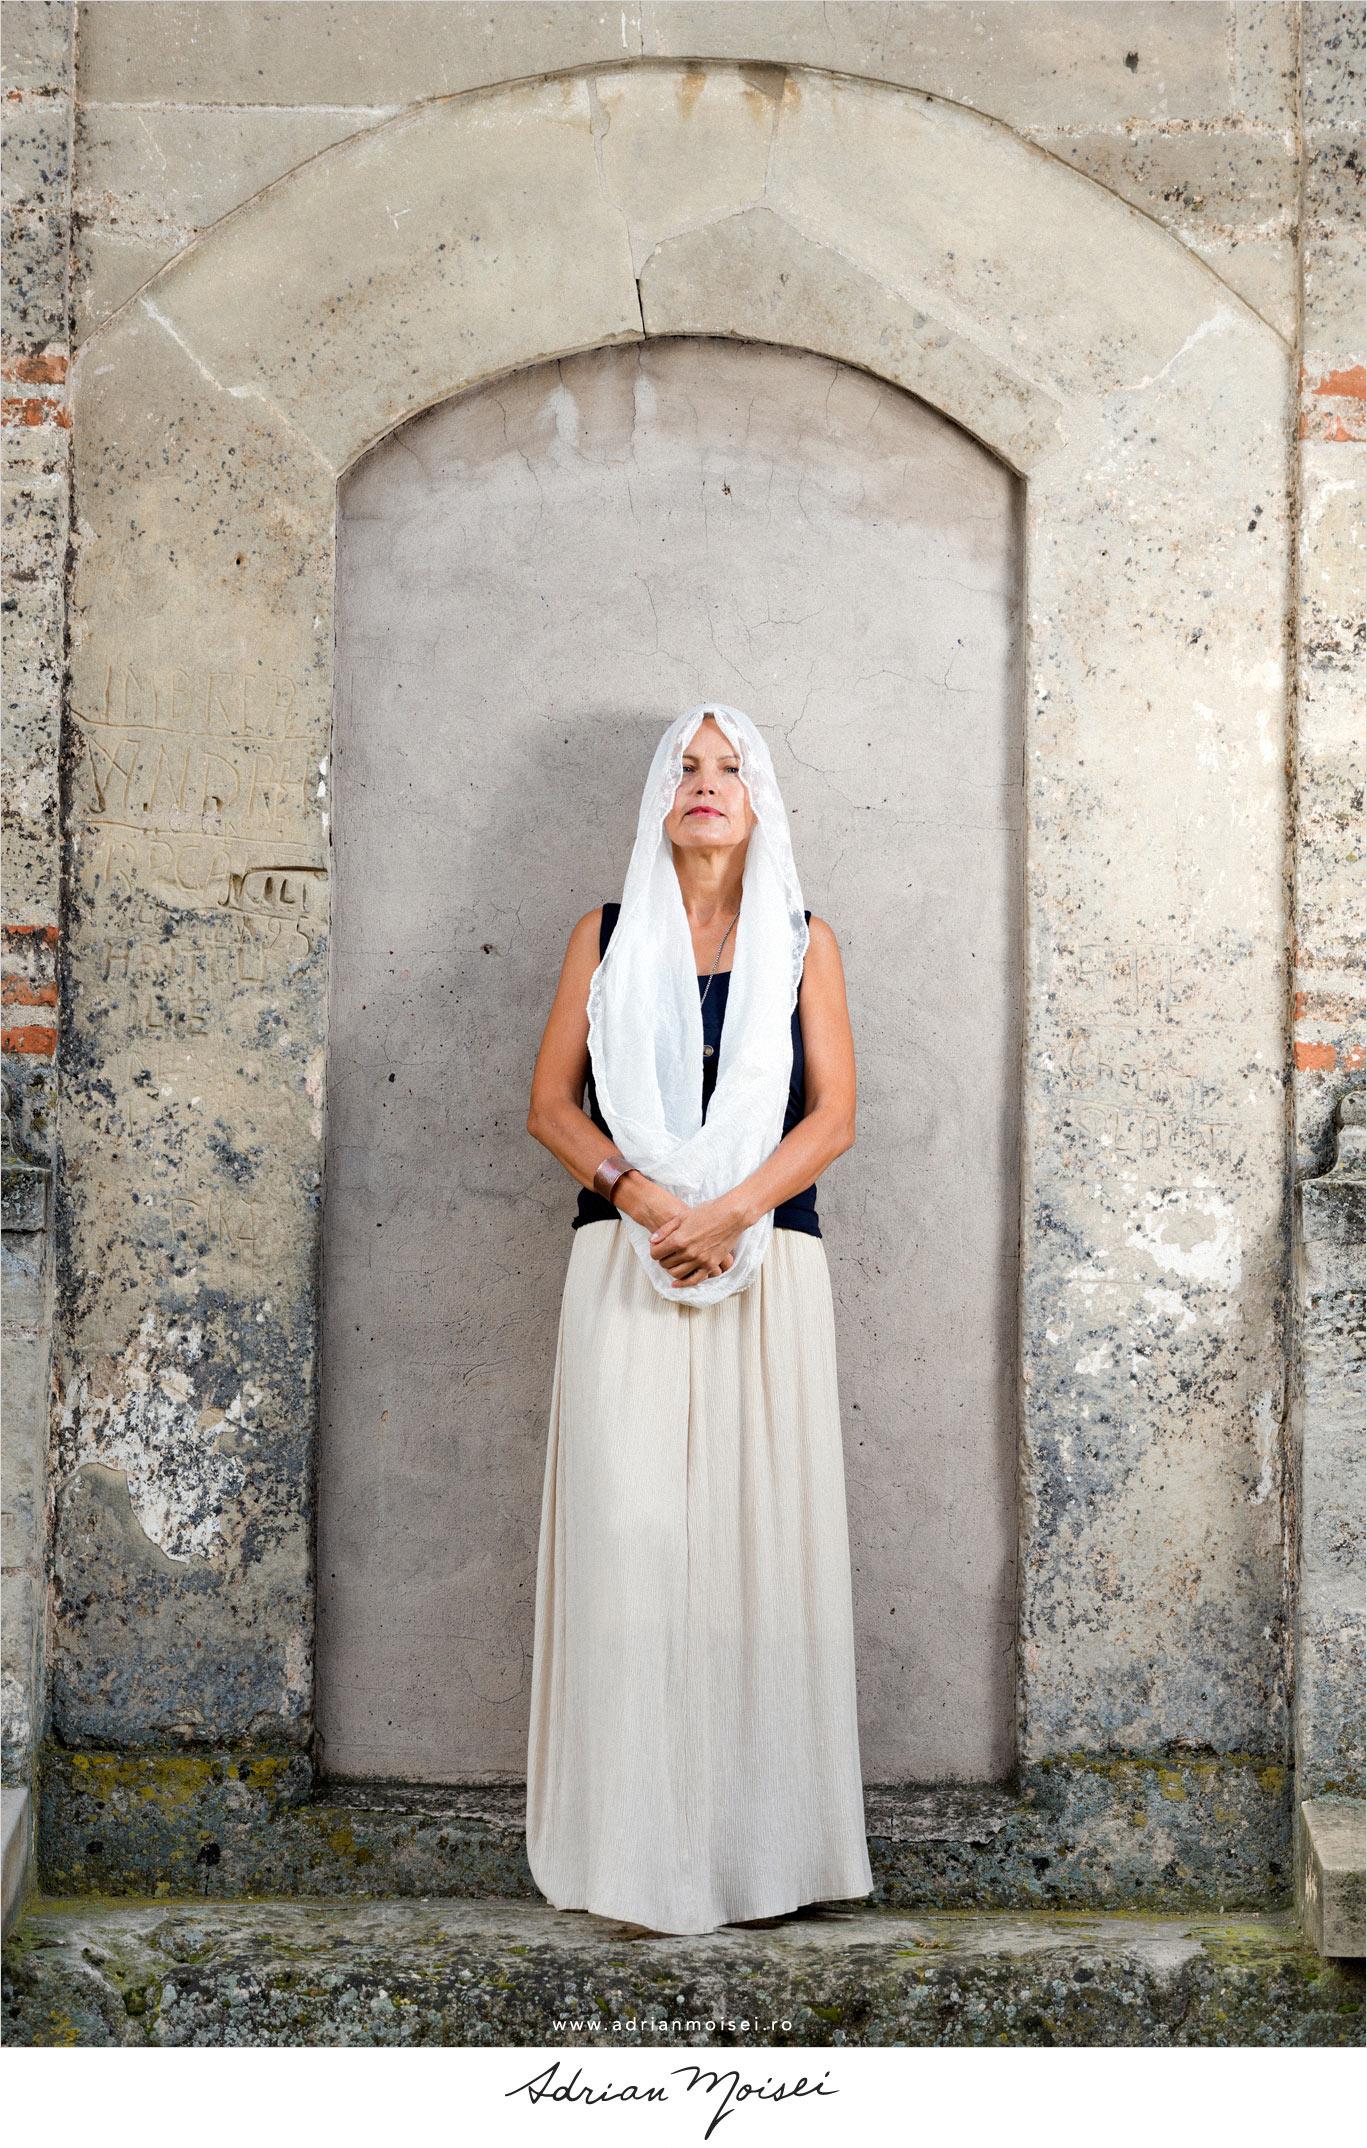 Fotografie de fashion Iasi de Adrian Moisei, la mănăstire, fotografie în natură